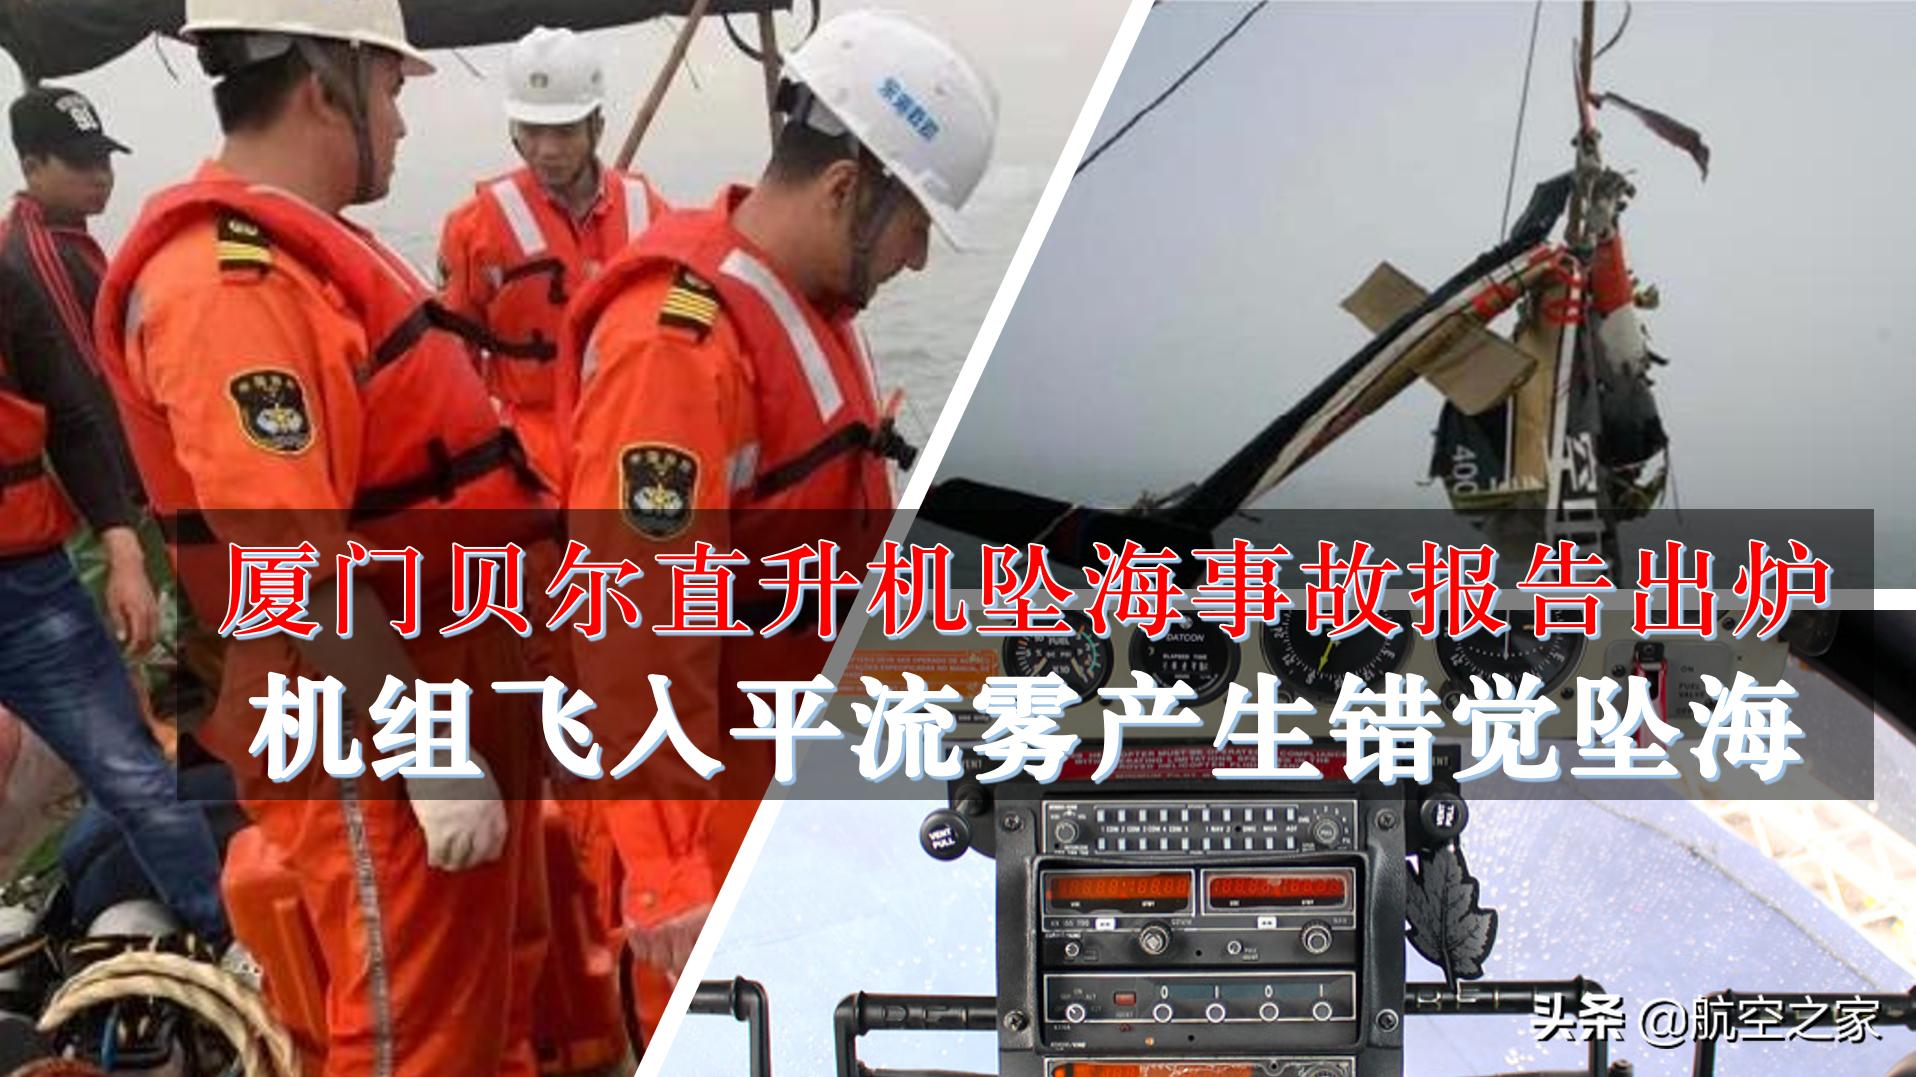 厦门贝尔直升机坠海事故报告出炉:机组飞入平流雾产生错觉坠海